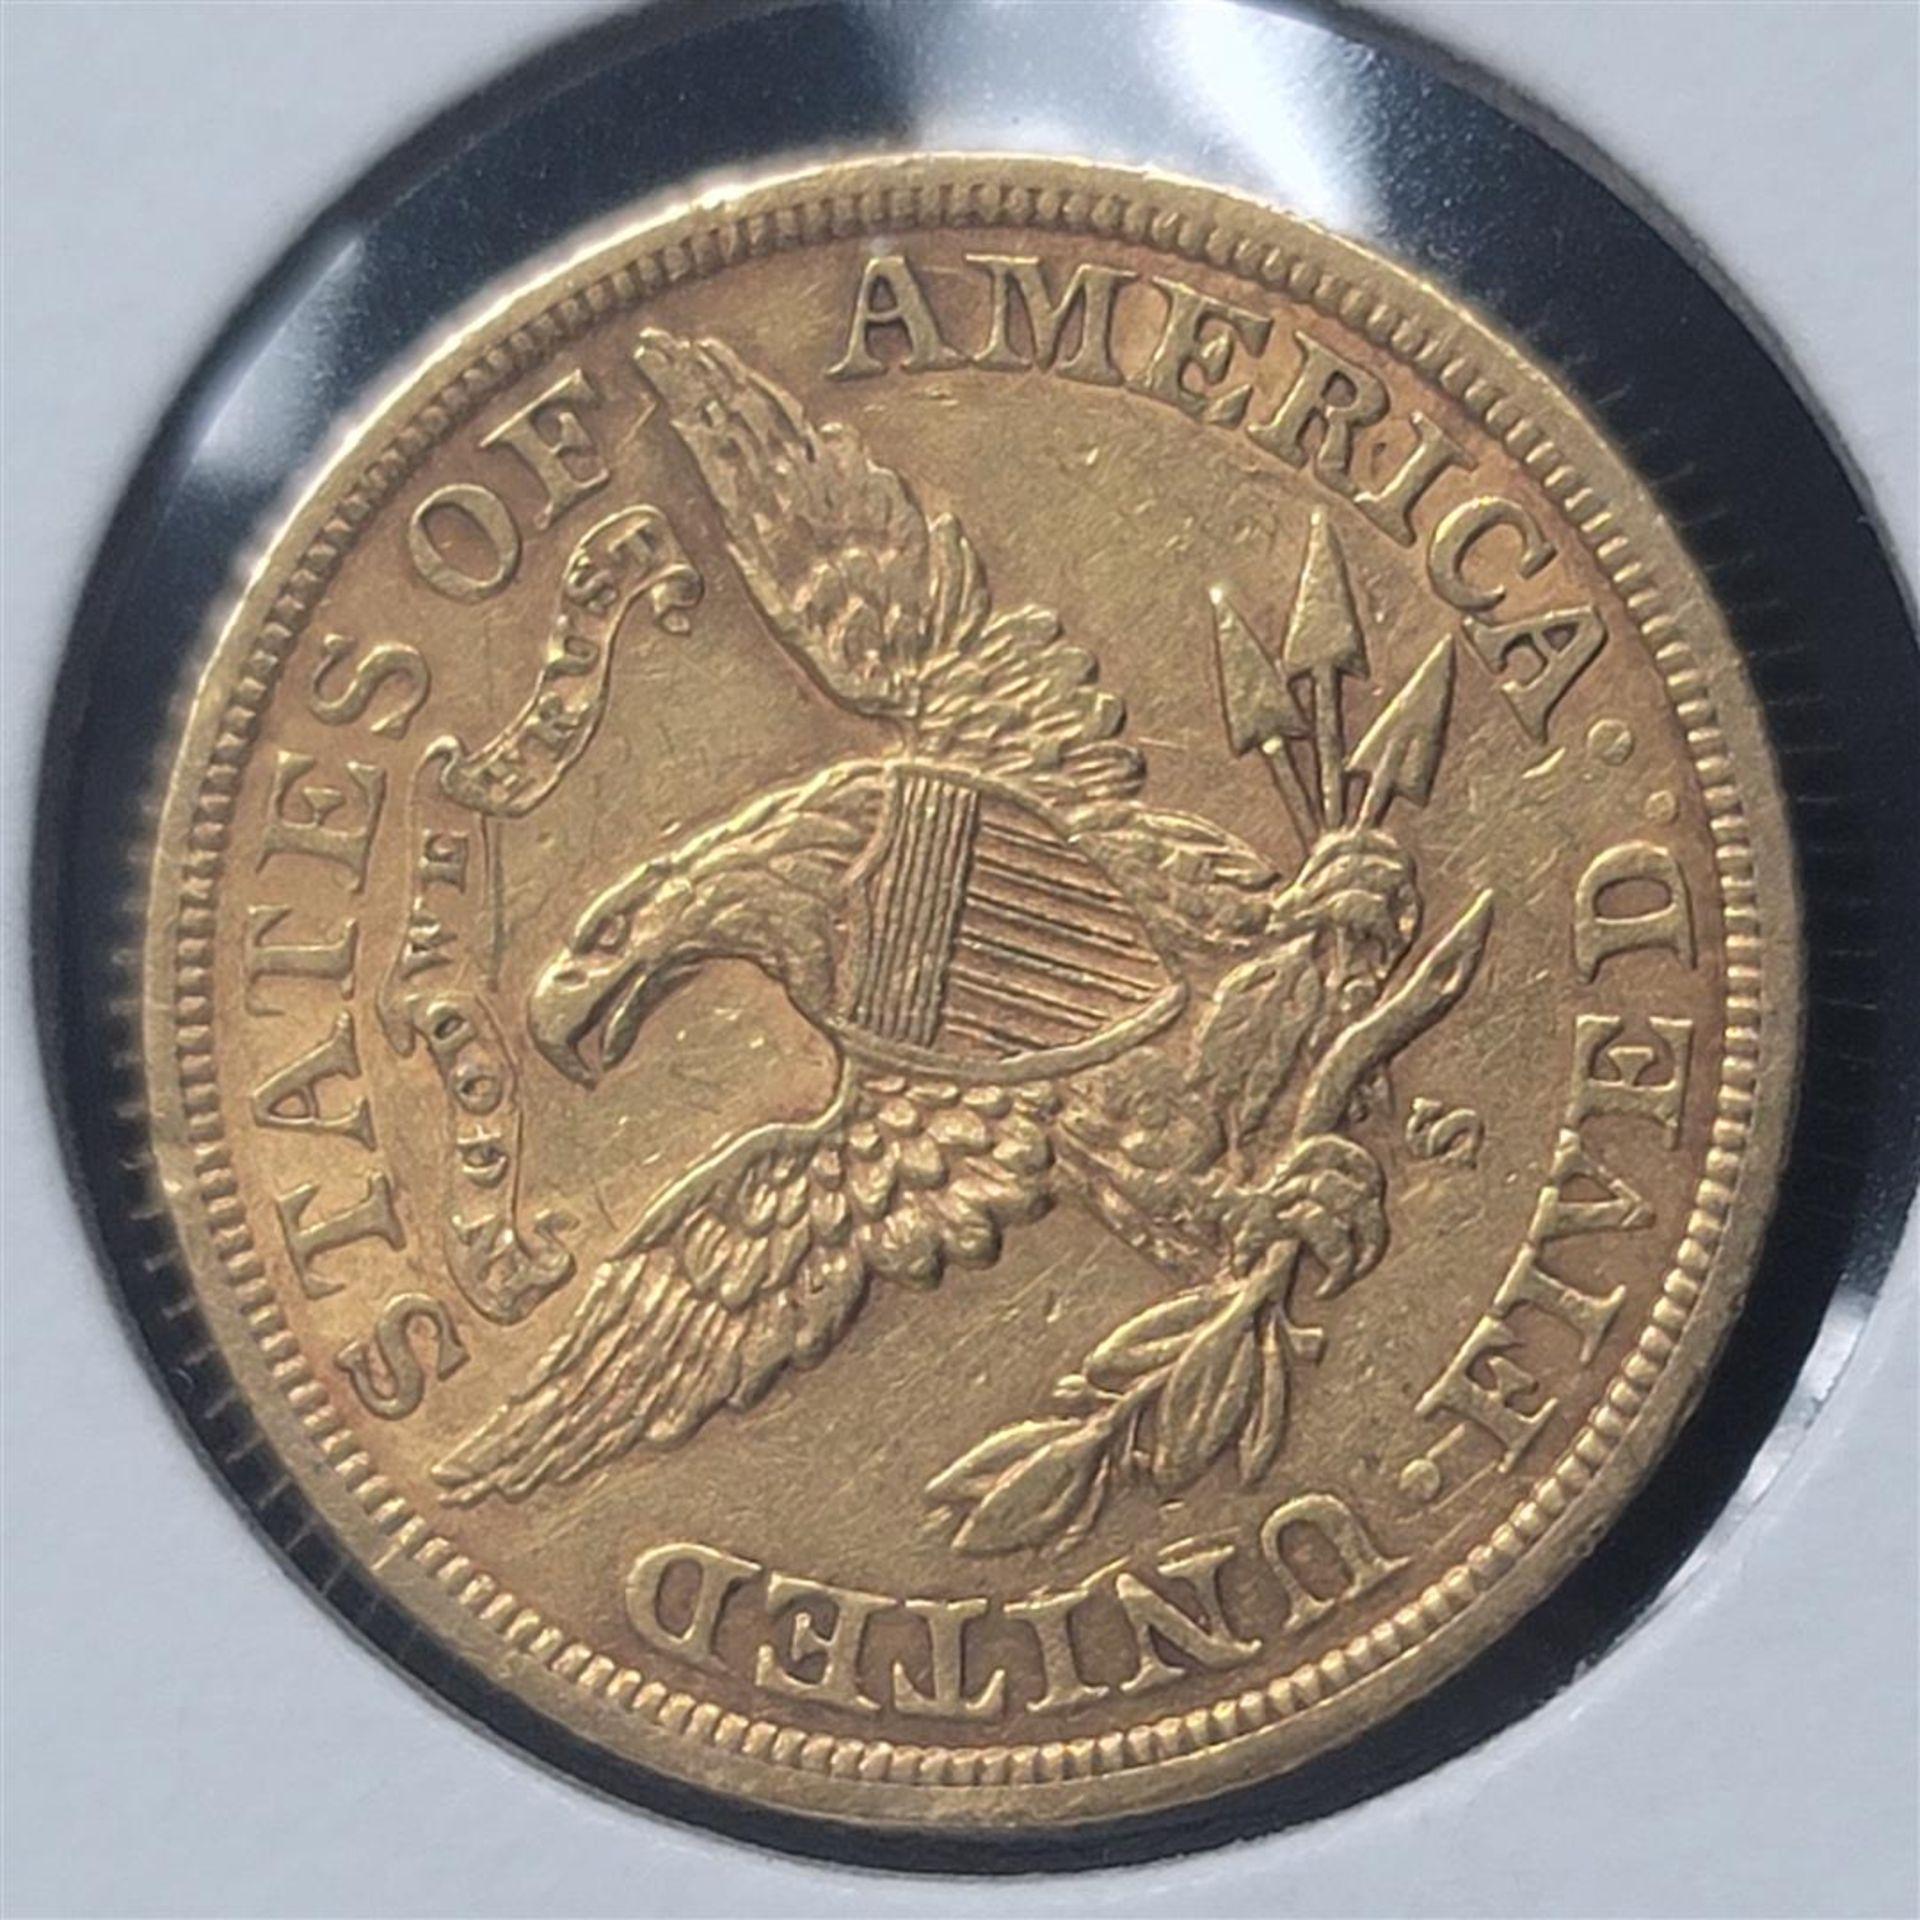 1903-S $5 Liberty Head Half Eagle AU - Image 3 of 4